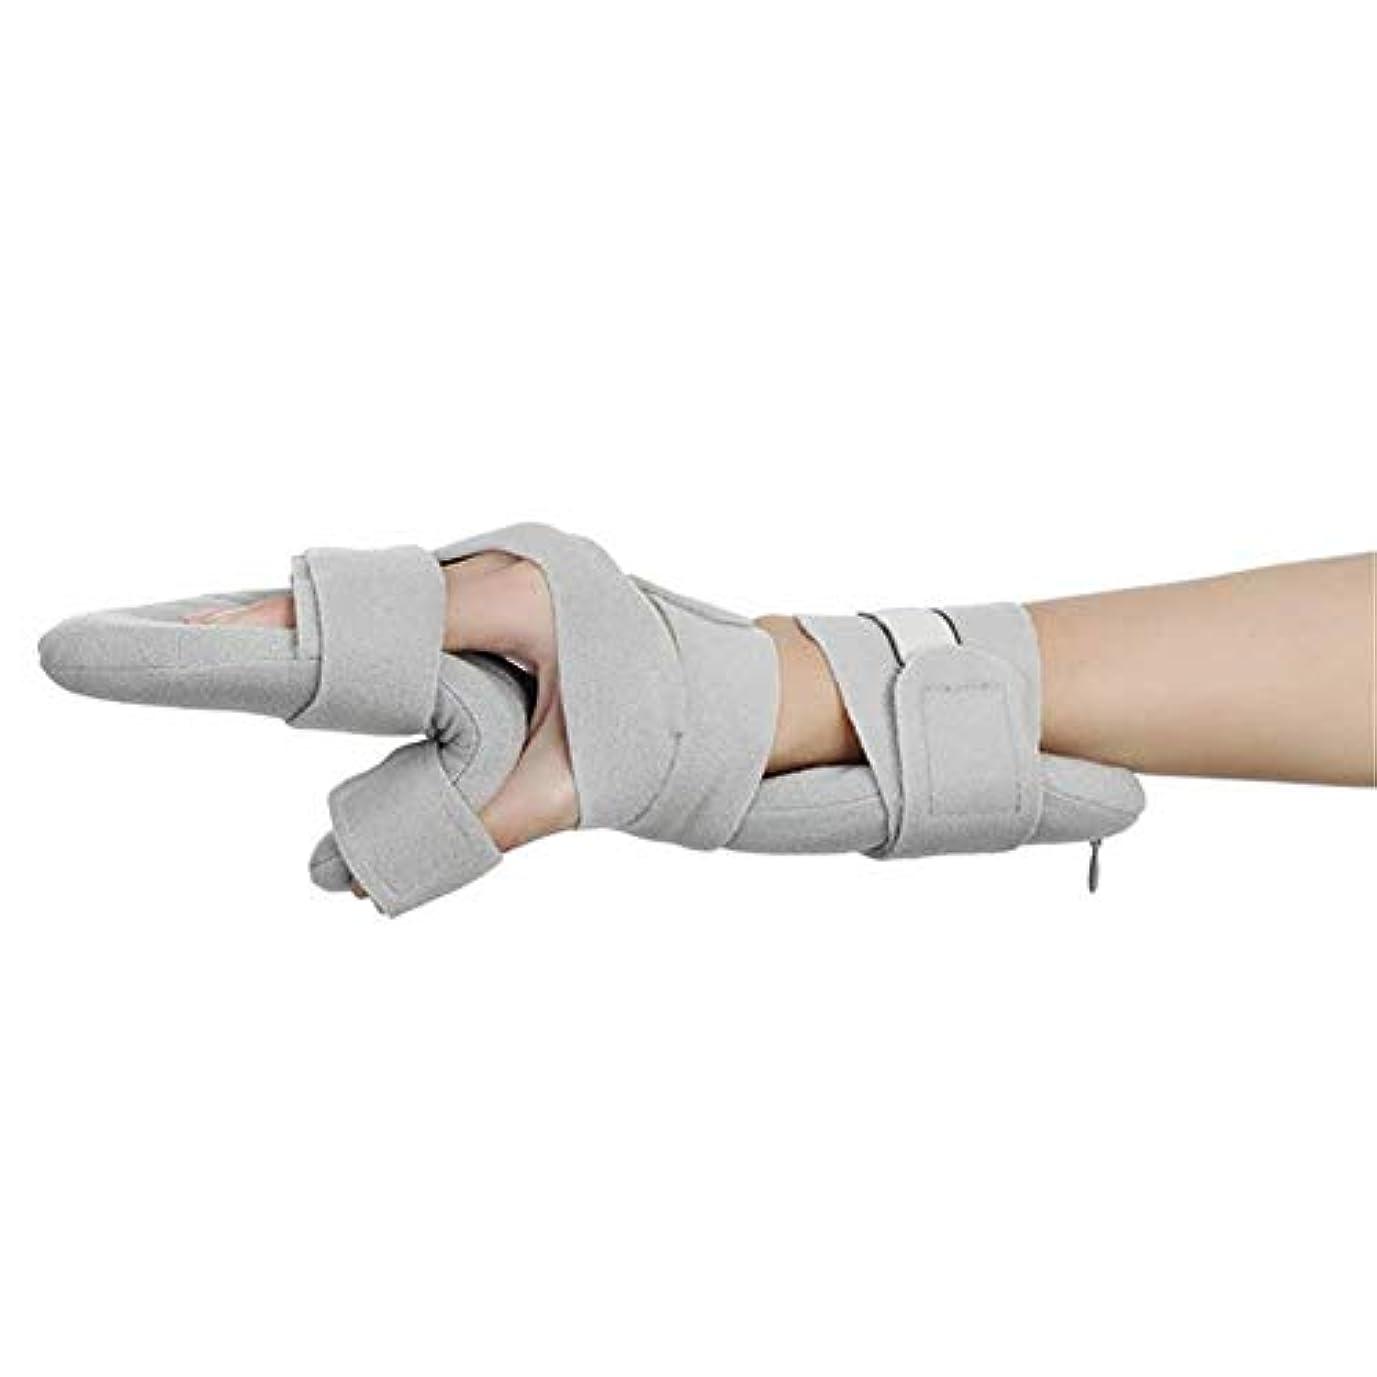 珍味神聖熱狂的な指のけいれんや萎縮の柔らかい機能的な安静時の手の副木のための指の装具、両手のサポート多目的調節可能 (Color : Left)